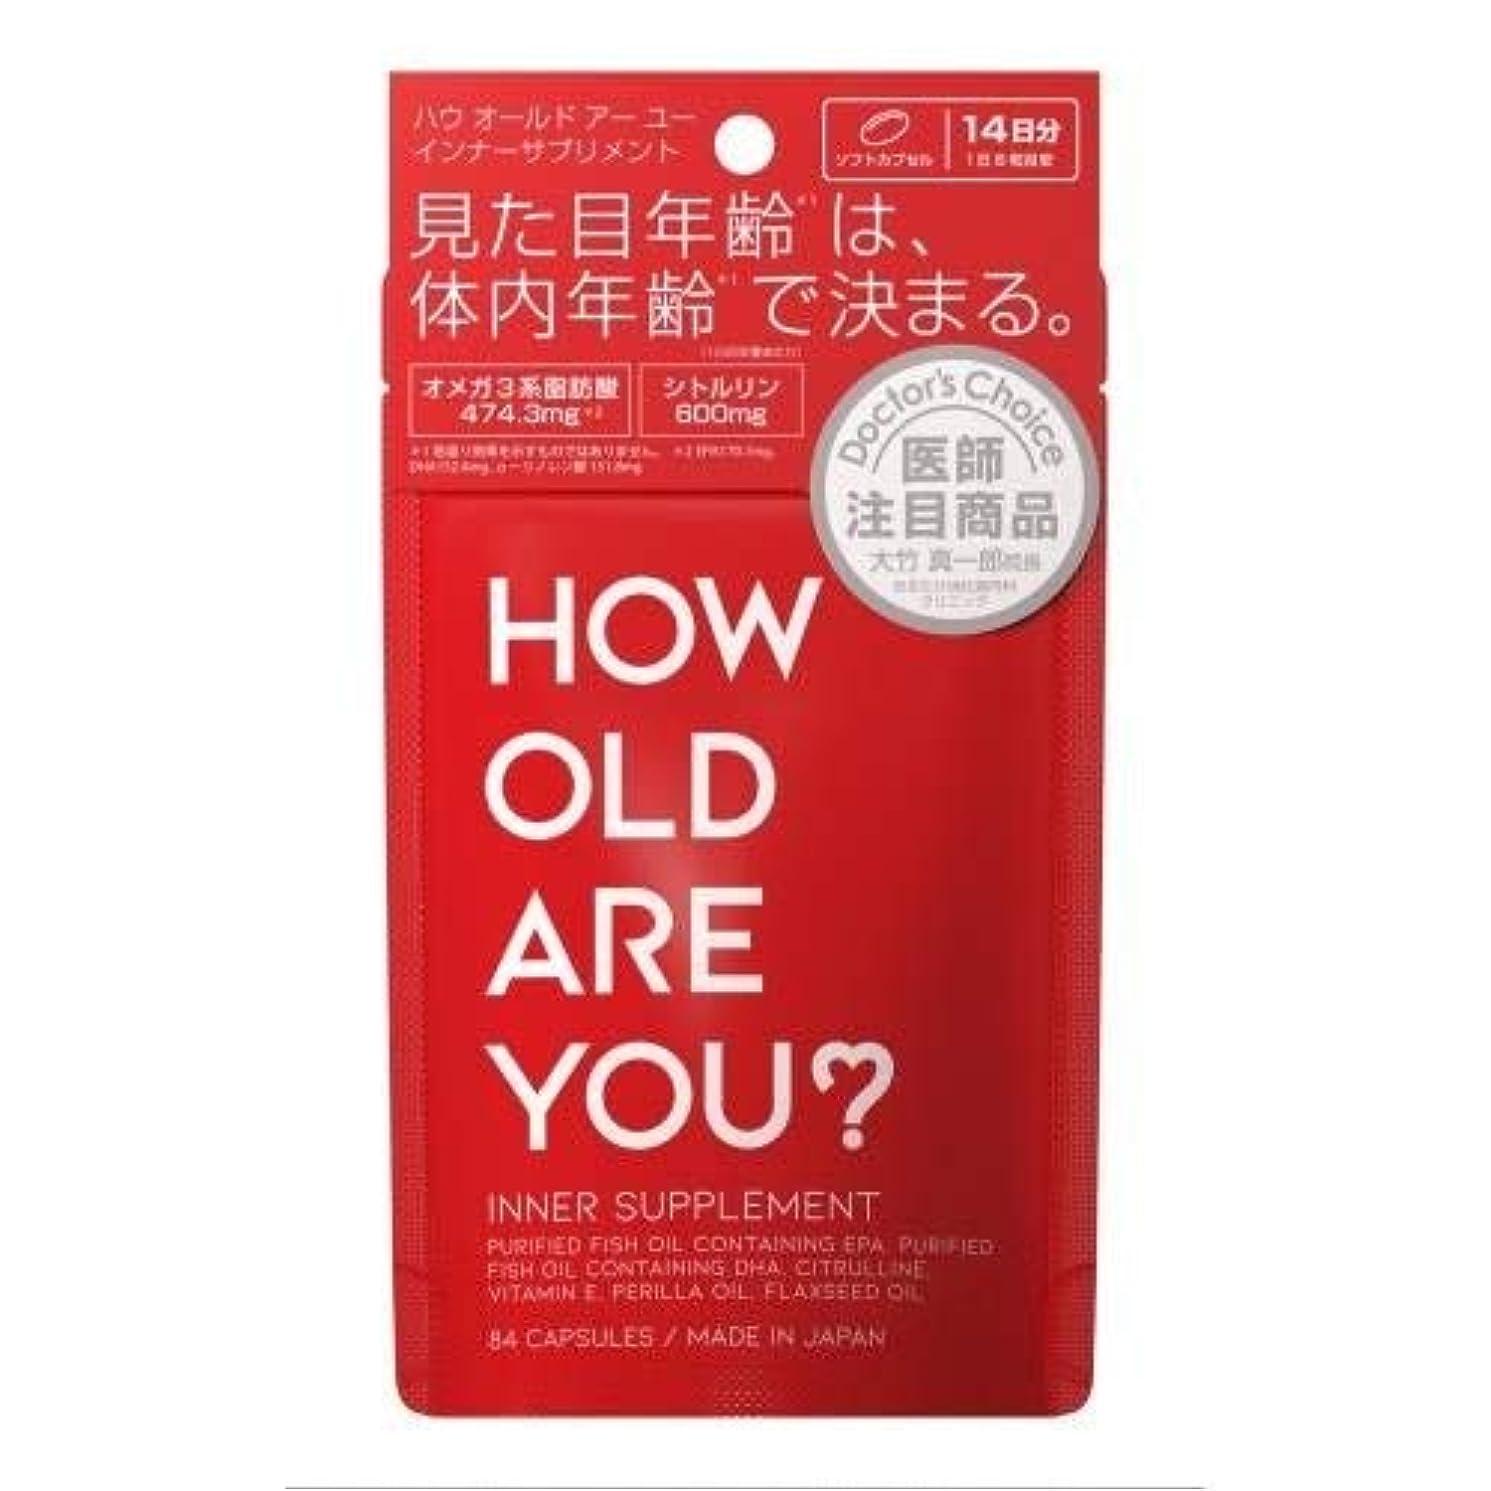 母性アジア人スタジオ【2個セット】HOW OLD ARE YOU?インナーサプリメント 84粒